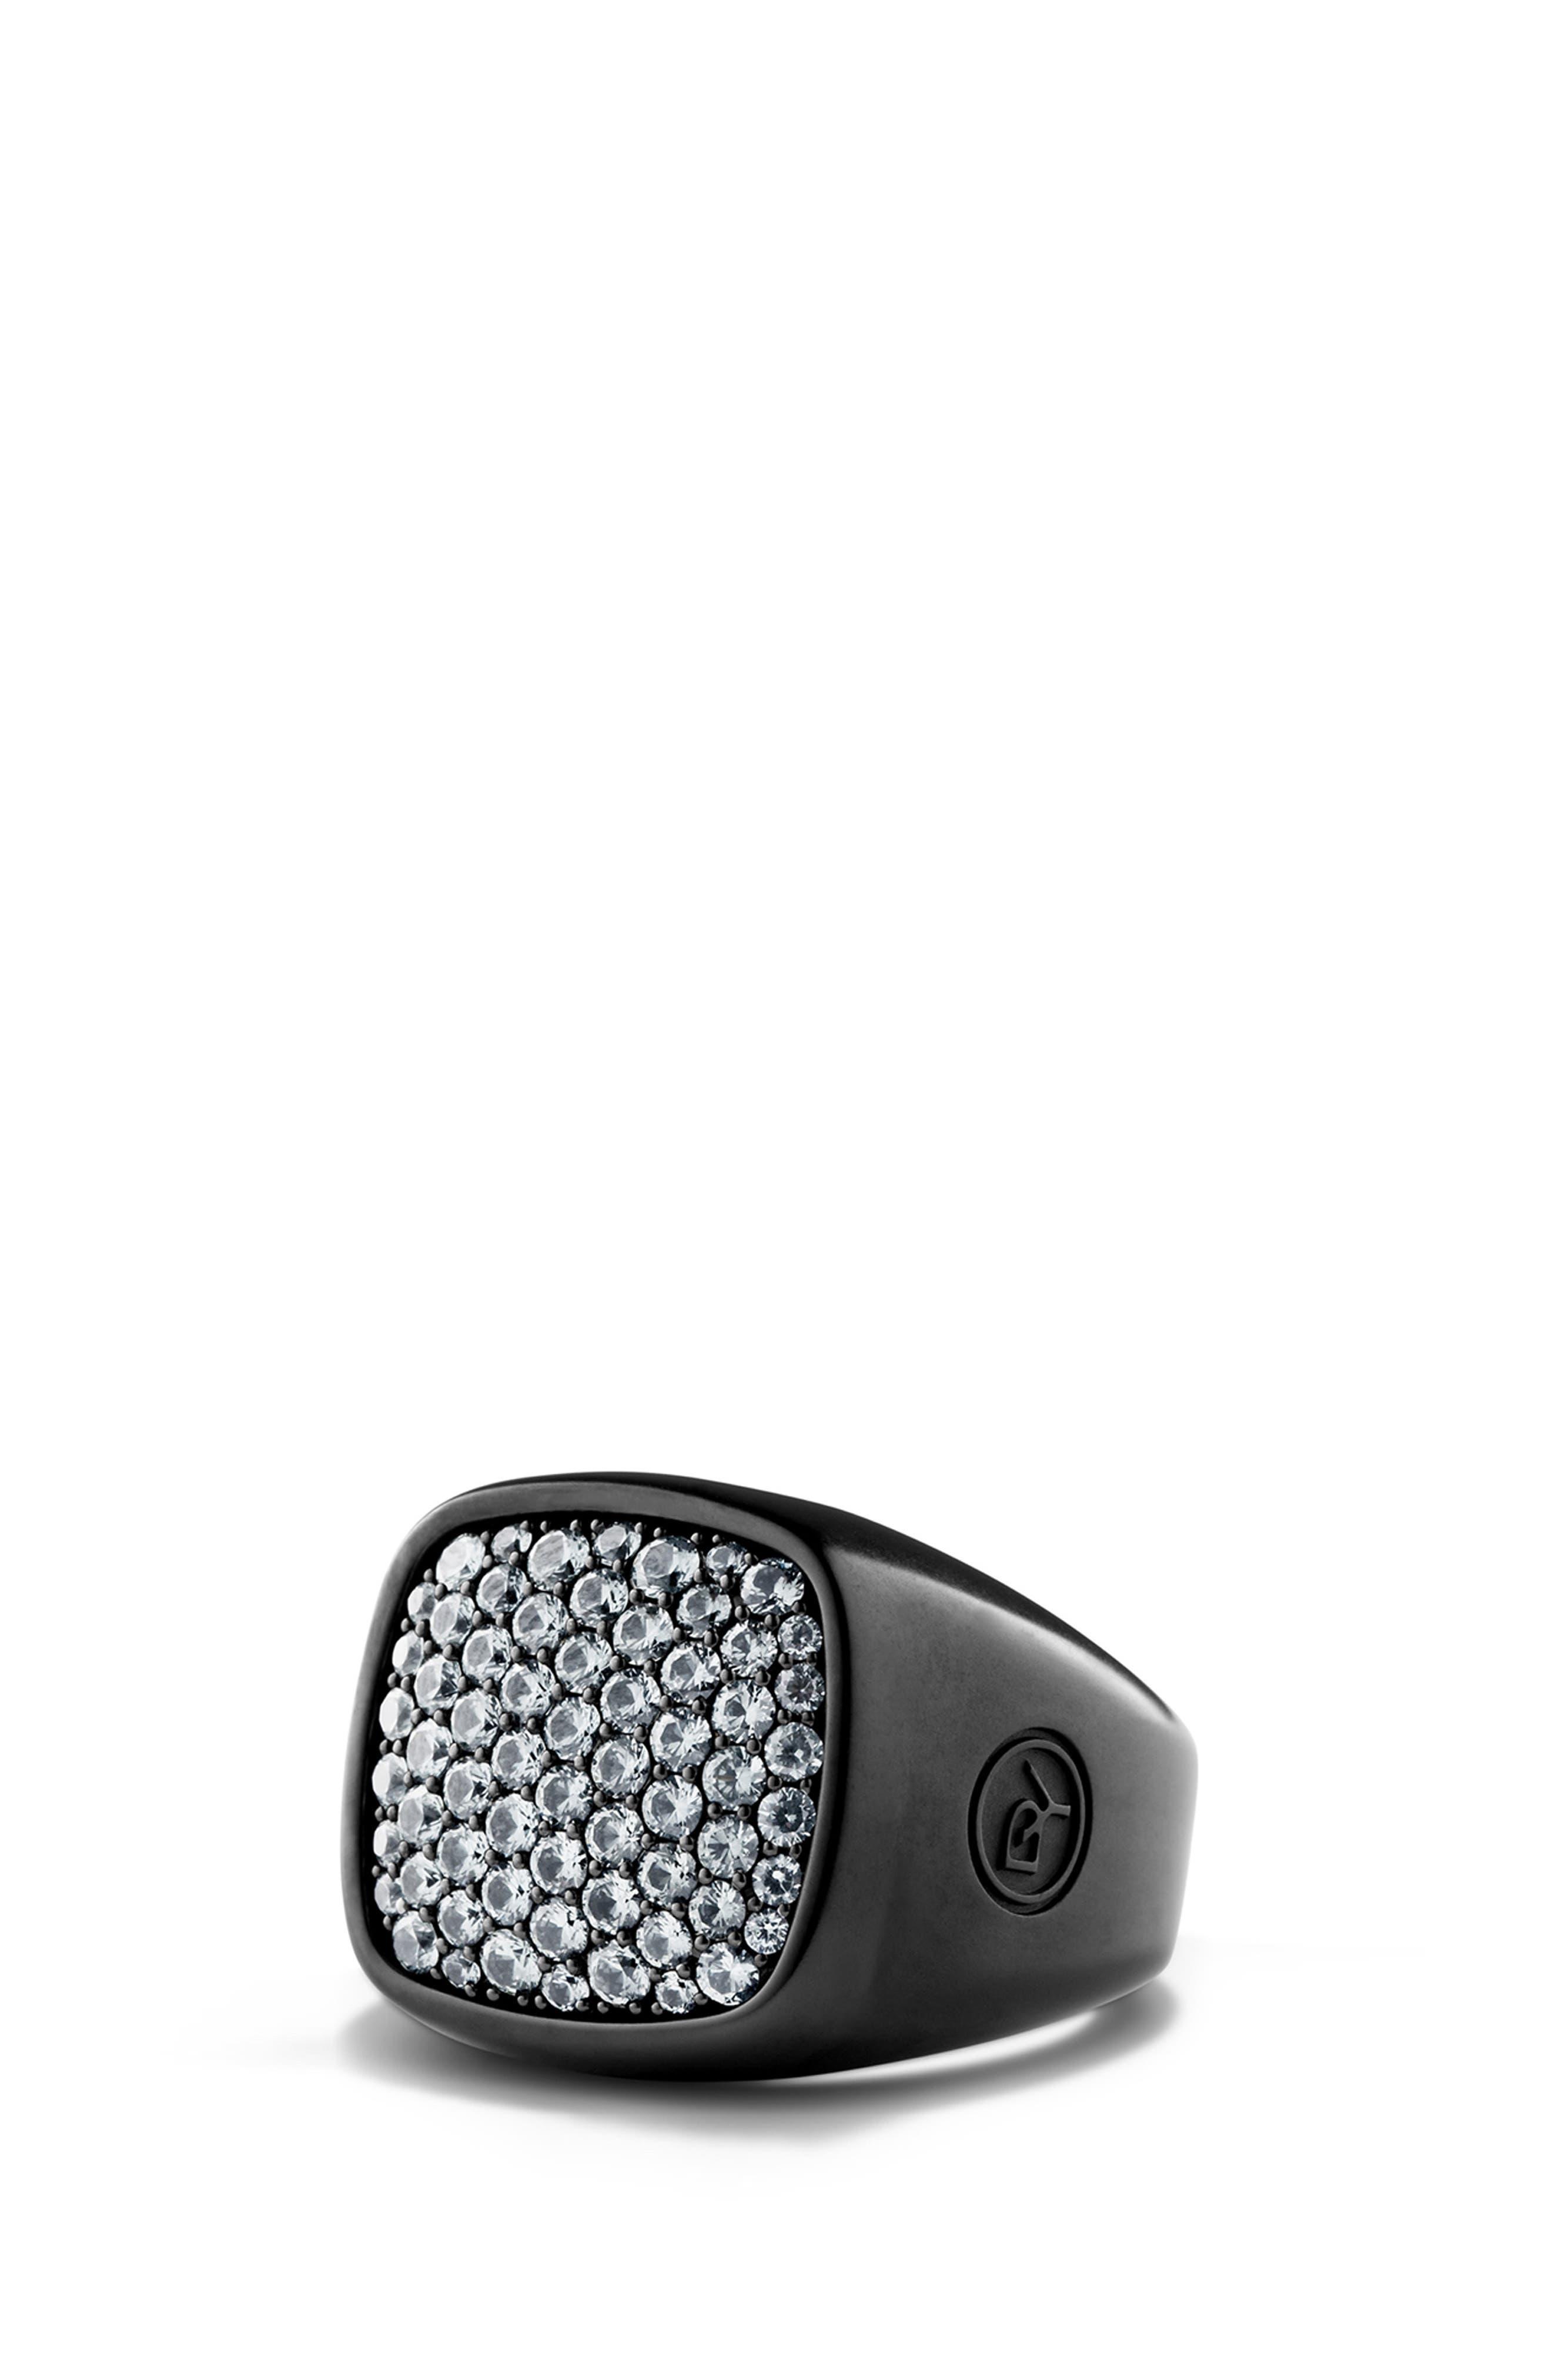 Alternate Image 1 Selected - David Yurman 'Pavé' Ring with Precious Stones